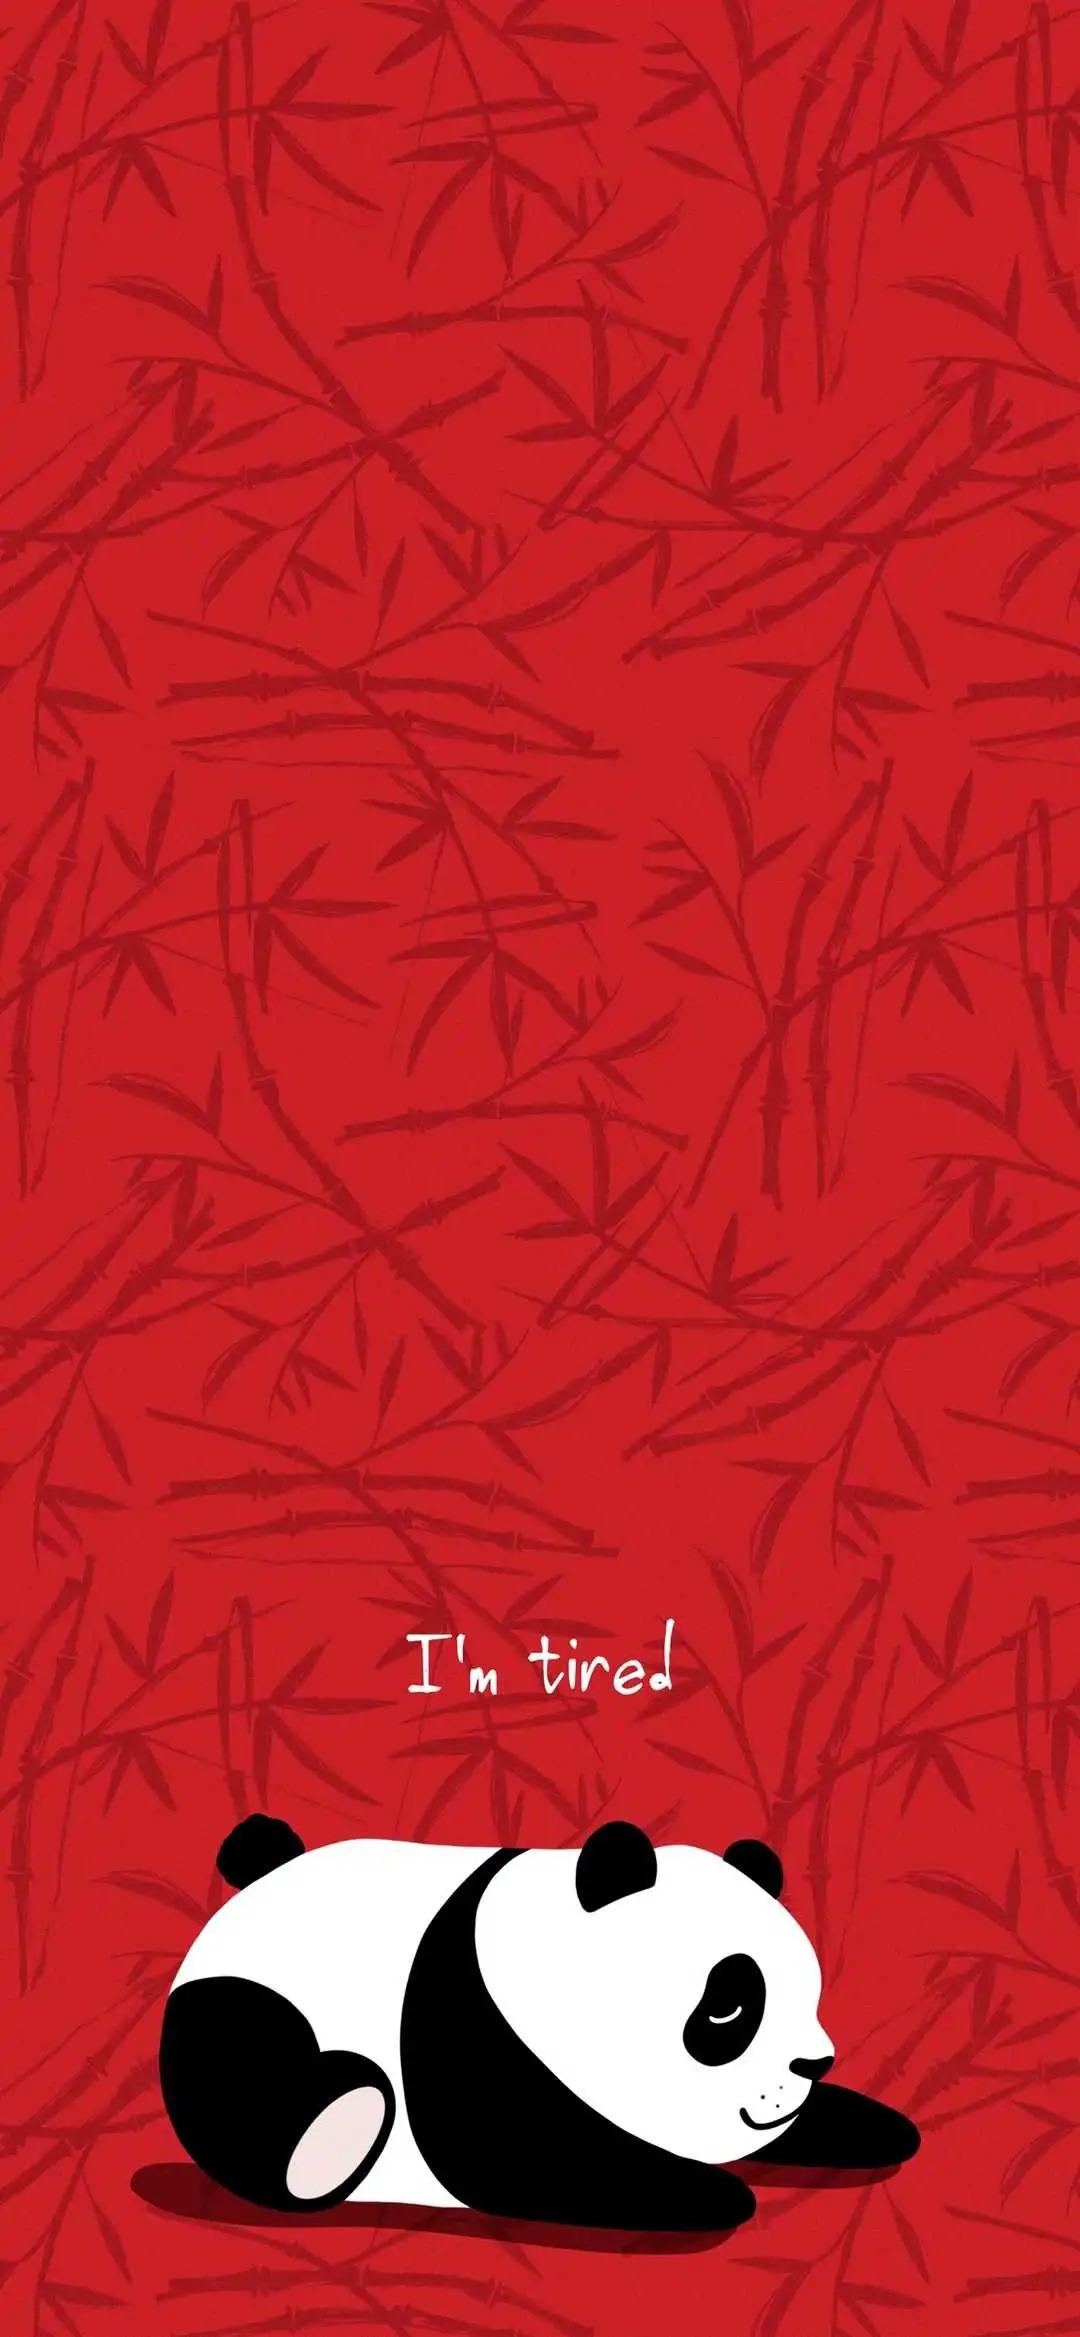 手机壁纸:同志,您的任务尚未完成!请快点出发!插图1